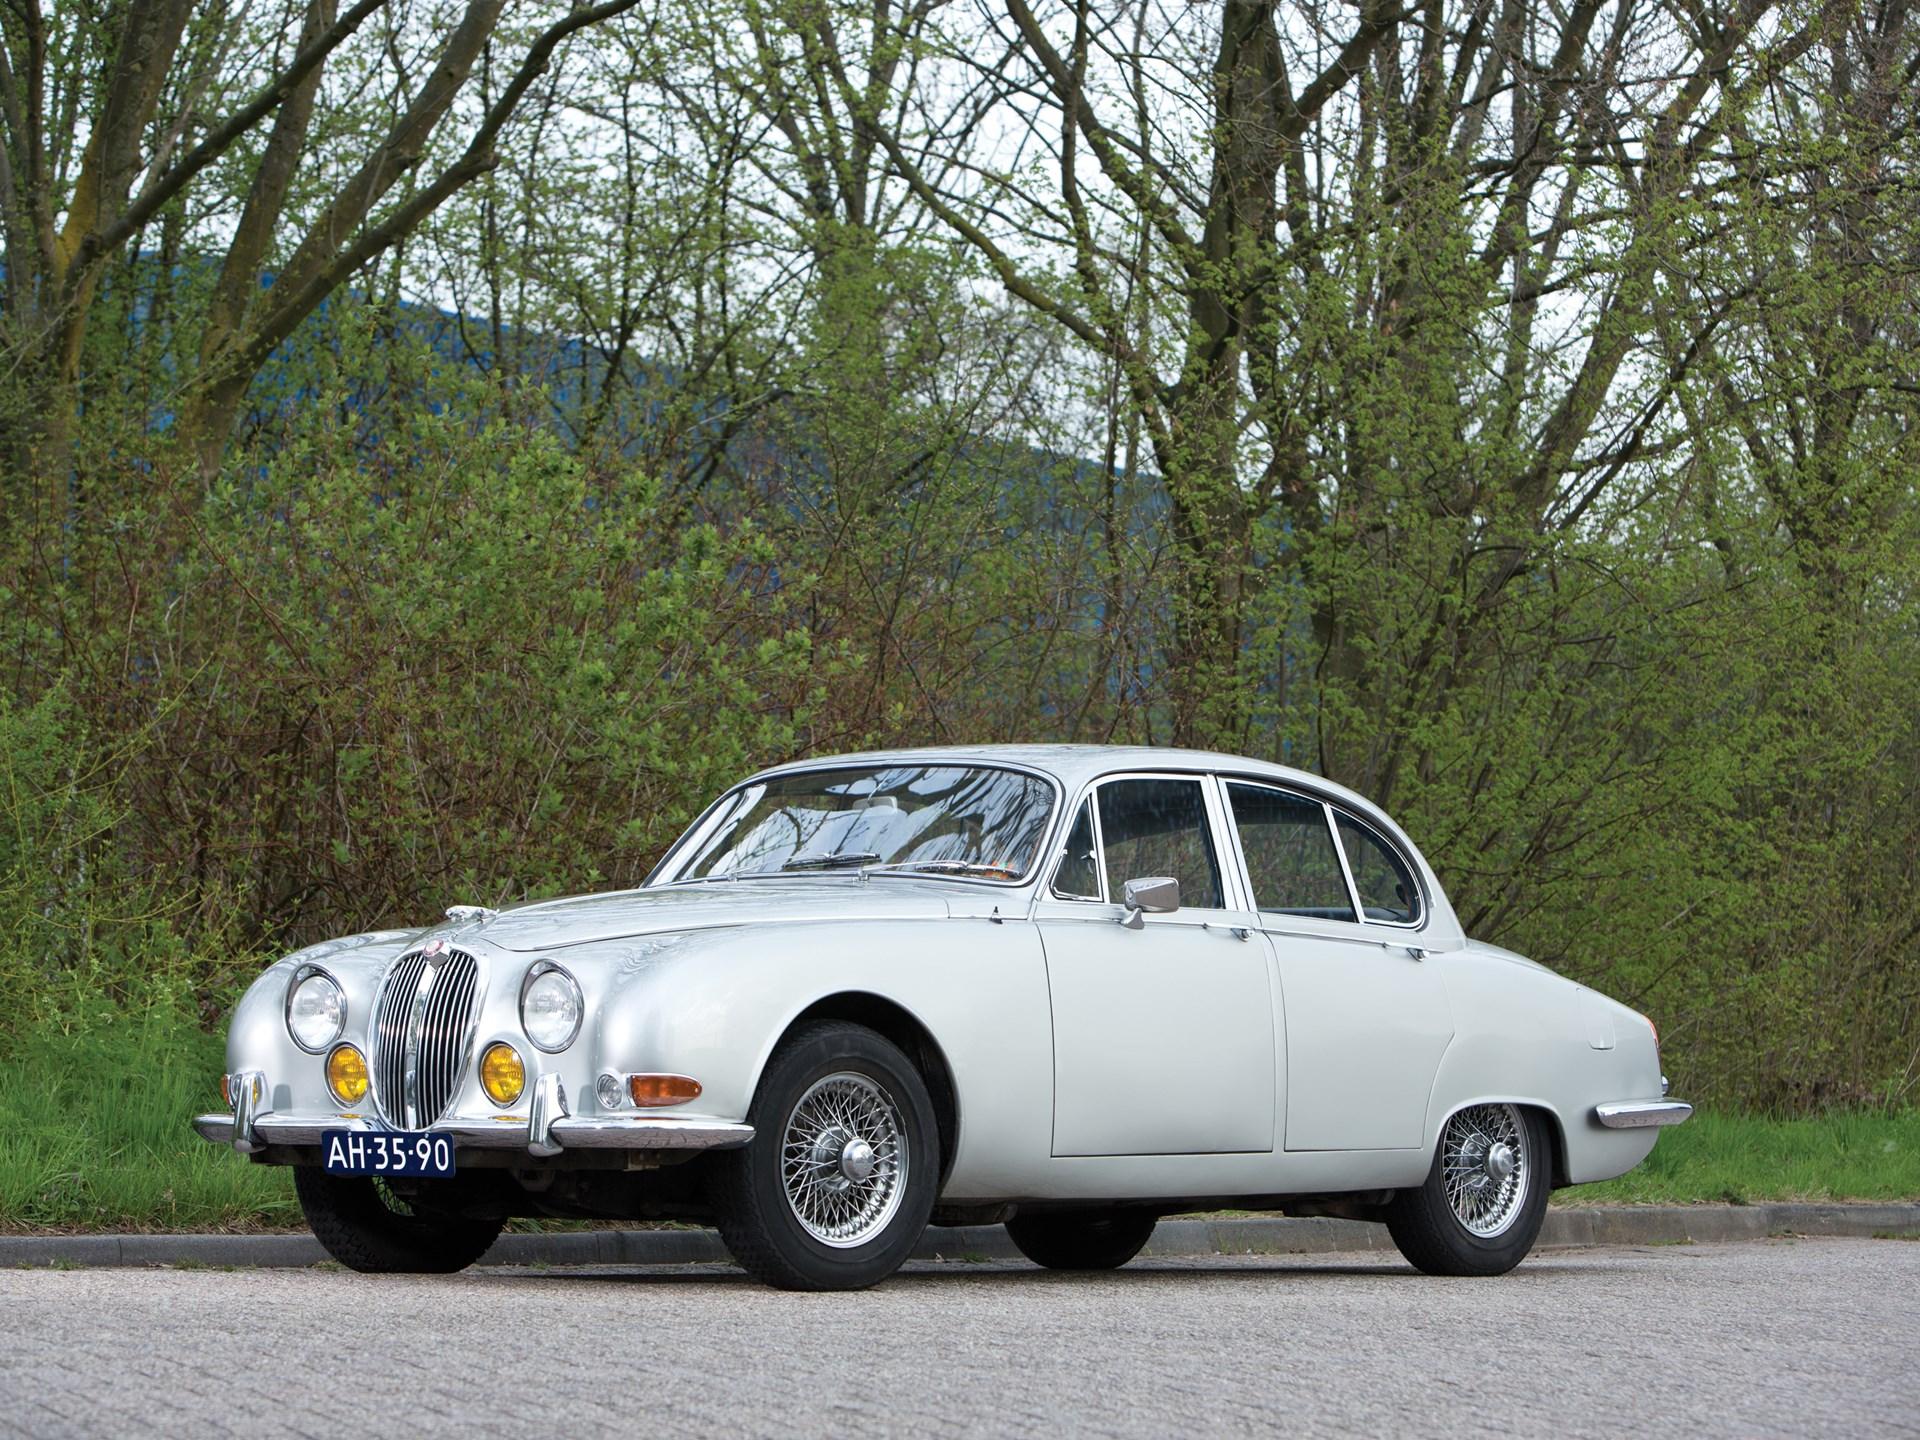 1964 Jaguar S-Type 3.8 Saloon   London 2013   RM Sotheby's